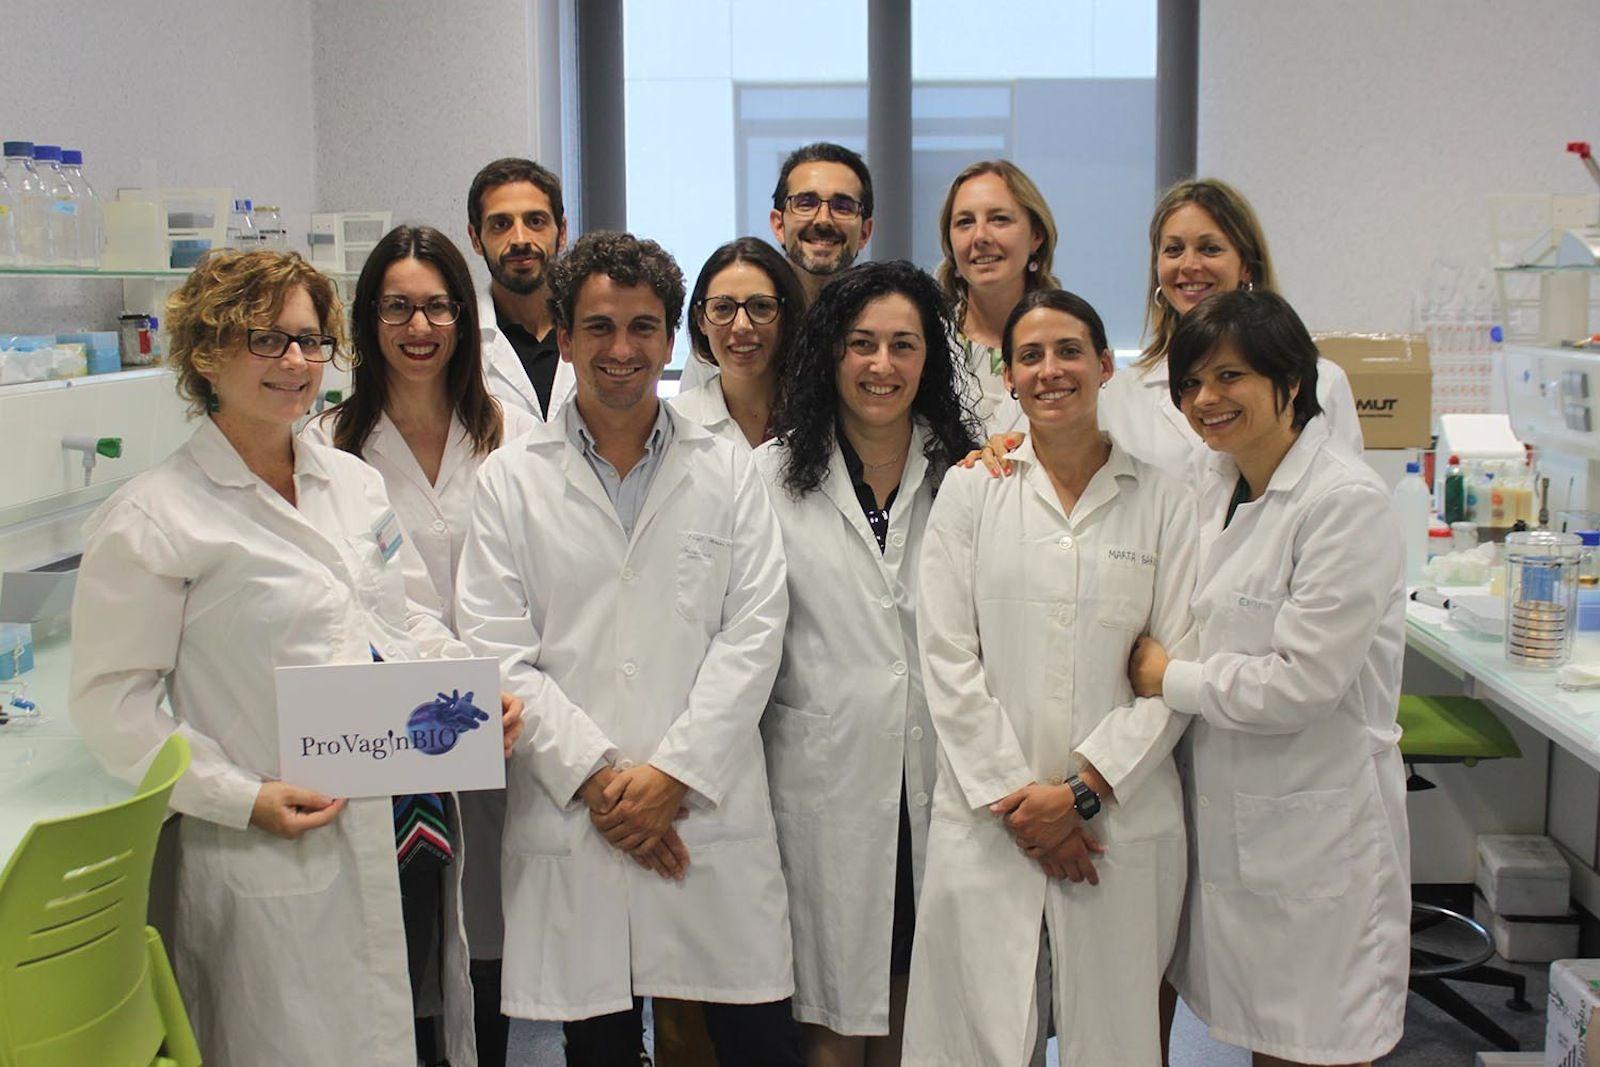 Los investigadores de la Facultad de Veterinaria de la CEU UCH autores del estudio, integrantes del Grupo de Investigación Agentes Microbiológicos asociados a la Reproducción (ProVaginBio).